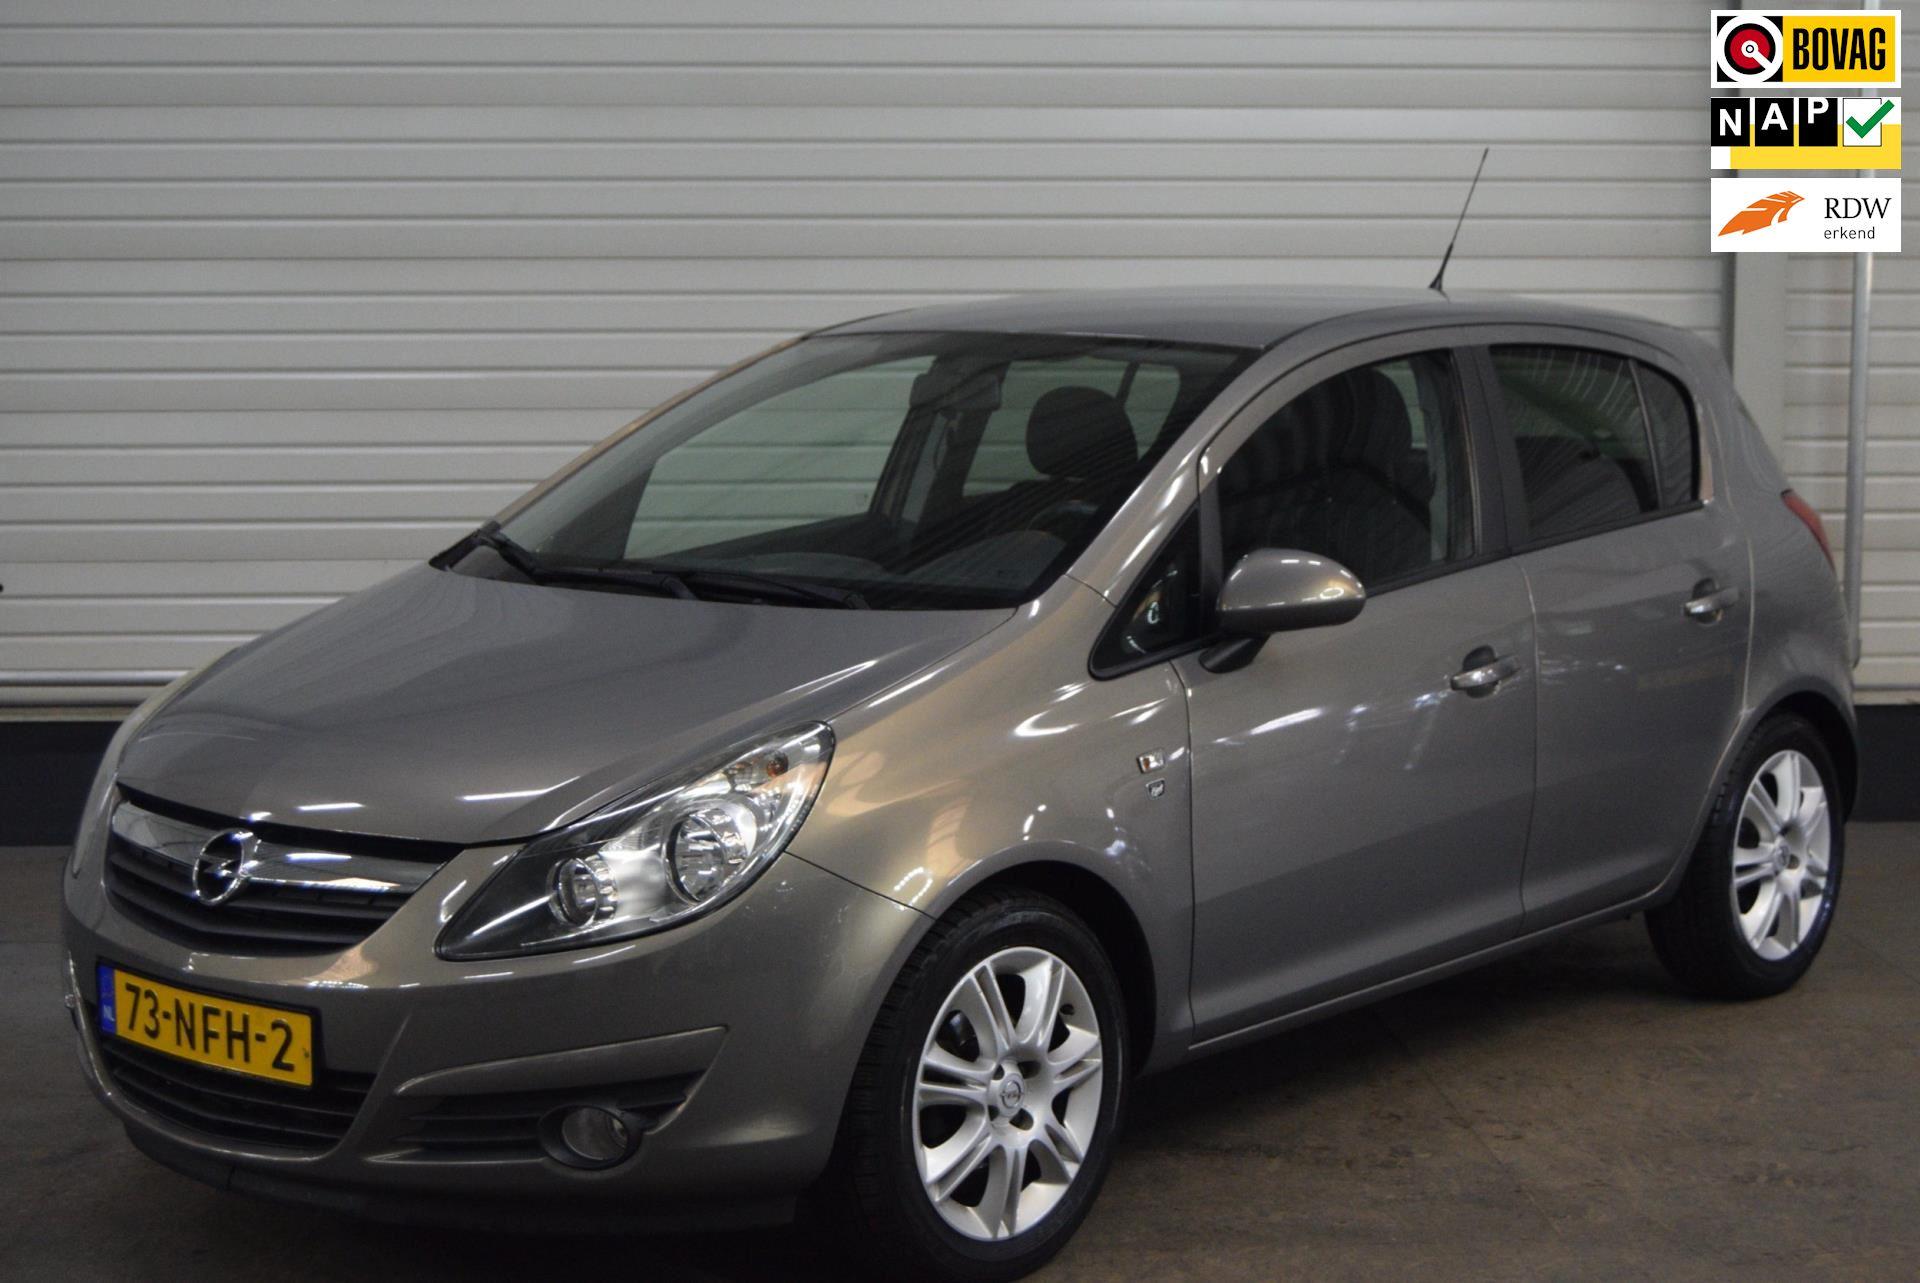 Opel Corsa occasion - Autobedrijf van de Werken bv